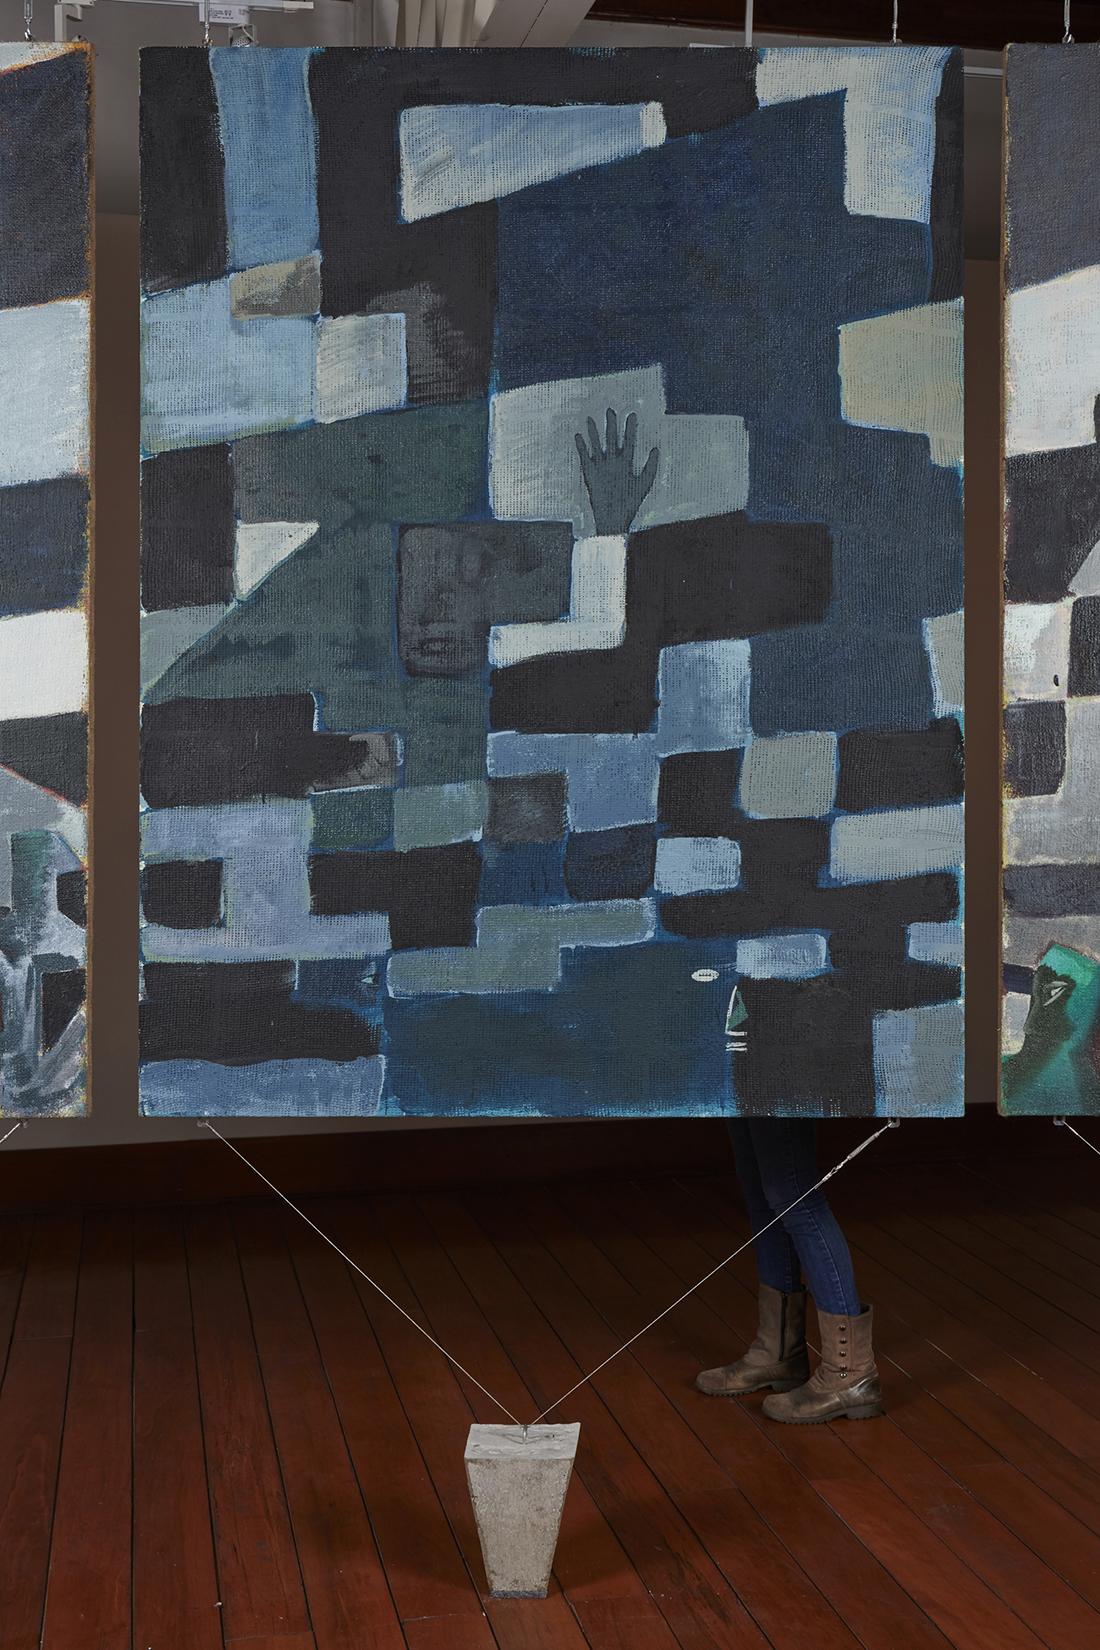 Una nueva era, panel O38t  , 2018, óleo sobre algodón, 183 x 140 cm.